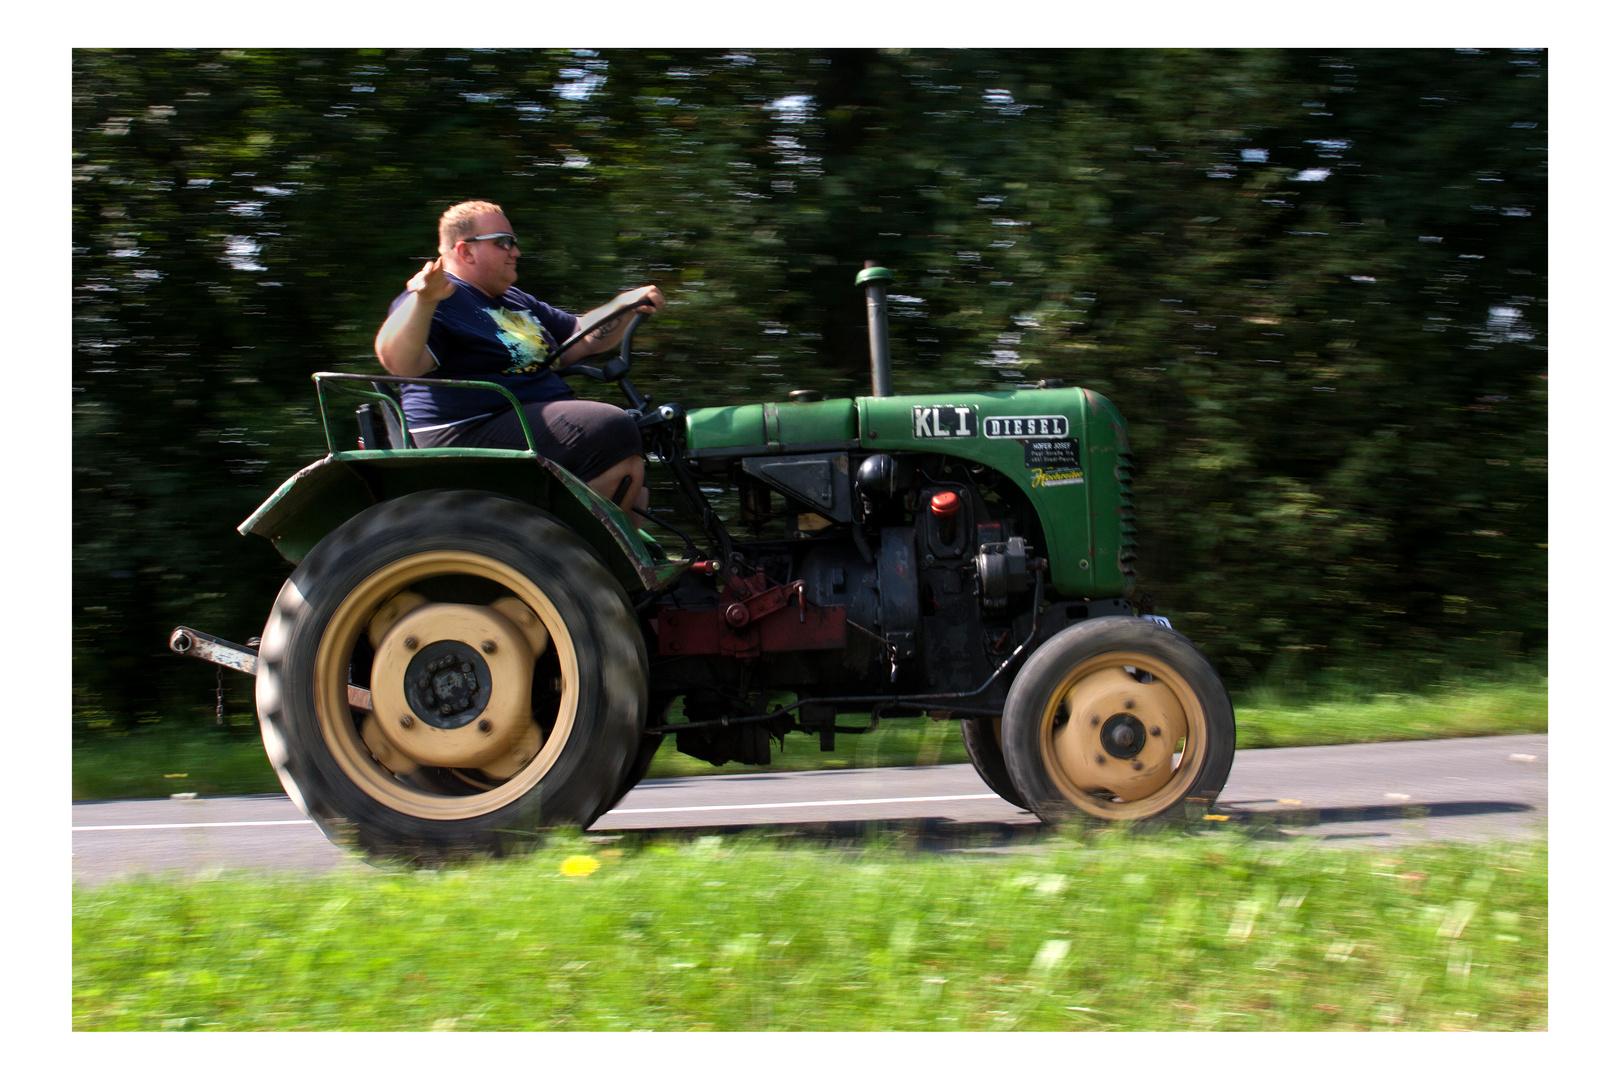 Der Traktor ist bald zu klein